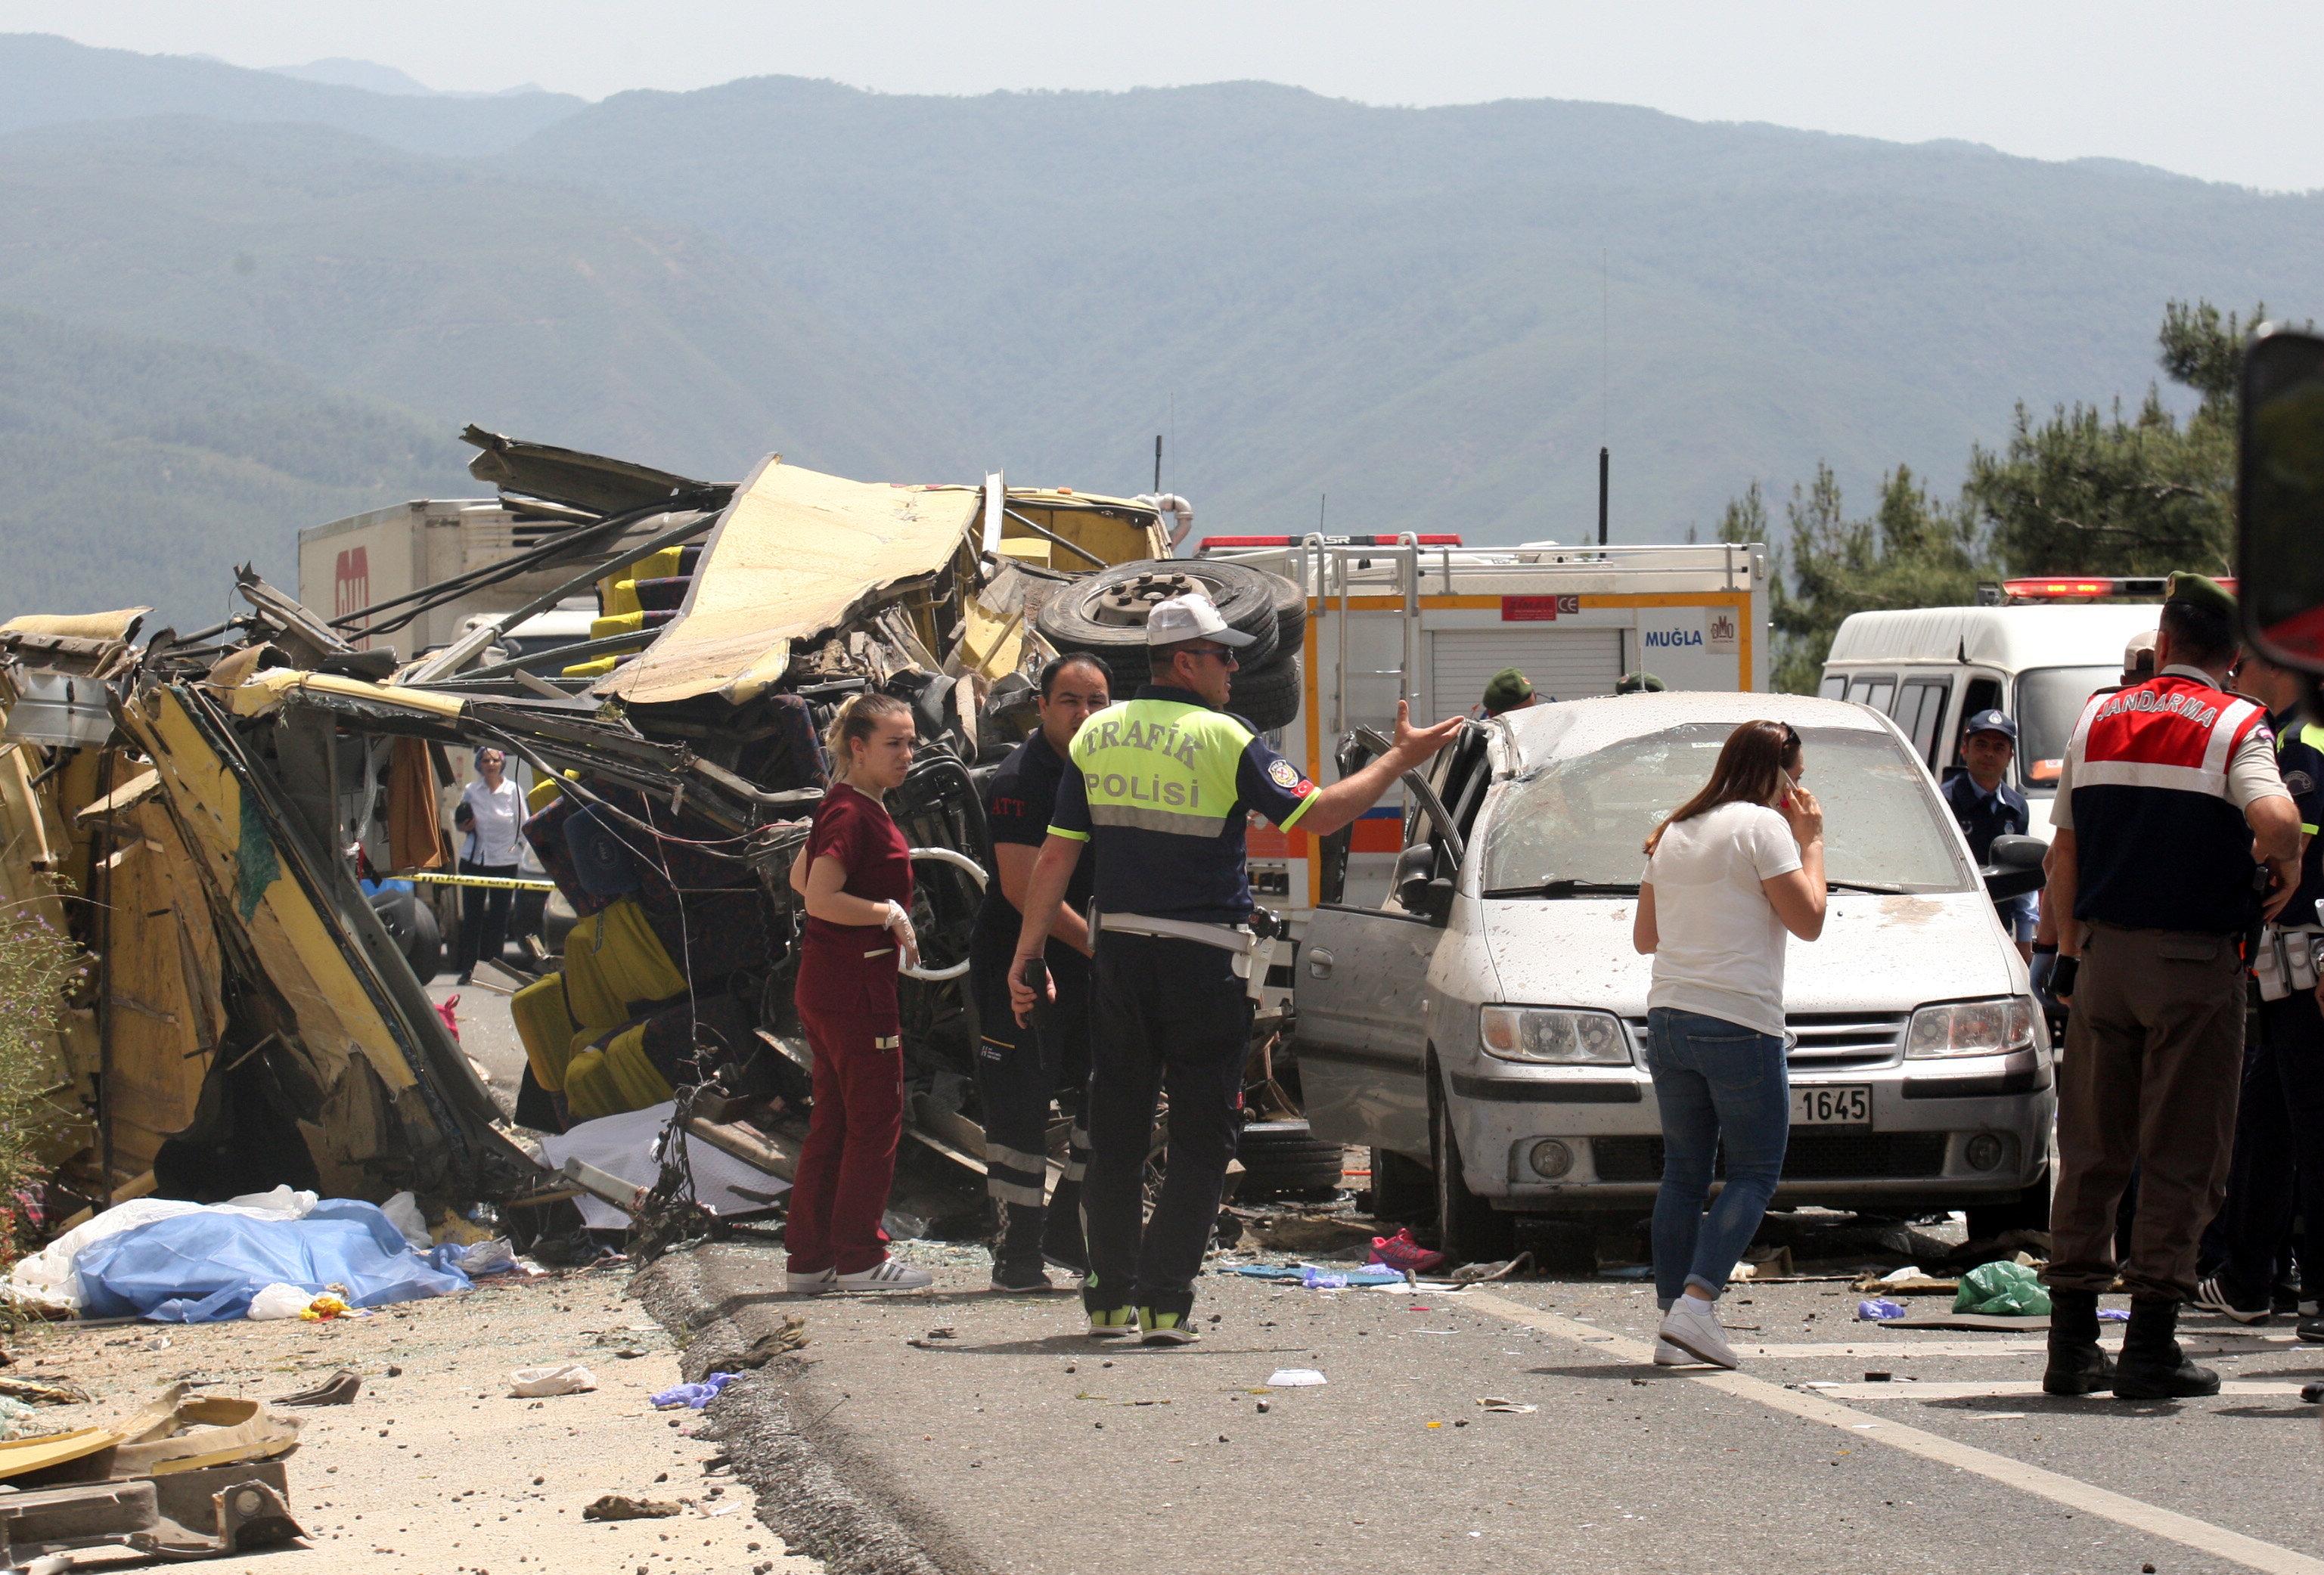 ارتفاع ضحايا انقلاب حافلة سياحية بتركيا لـ23 قتيلا